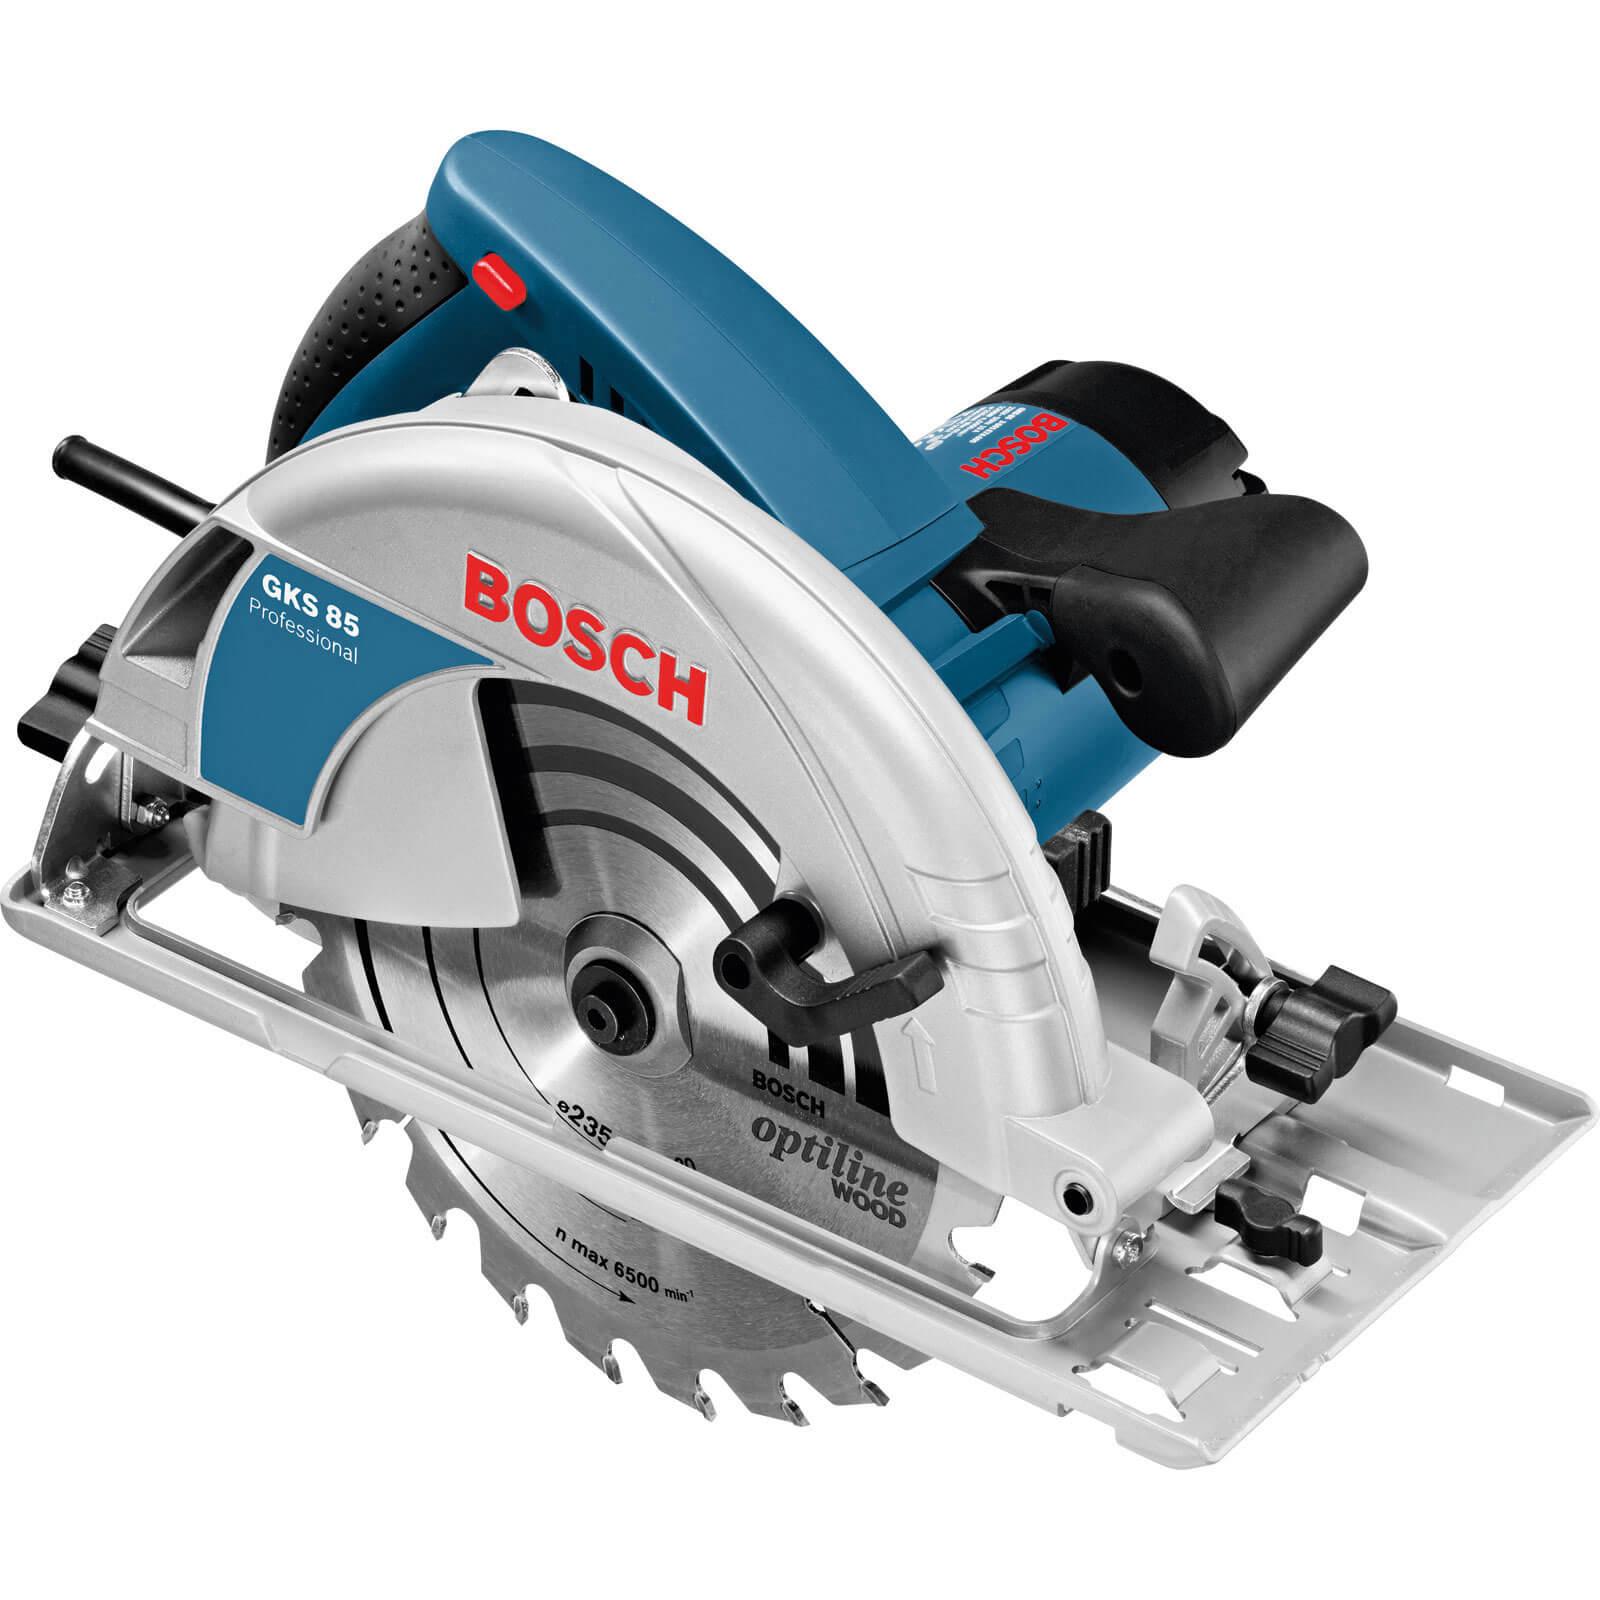 Bosch GKS 85 Circular Saw 235mm Blade 1700w 110v